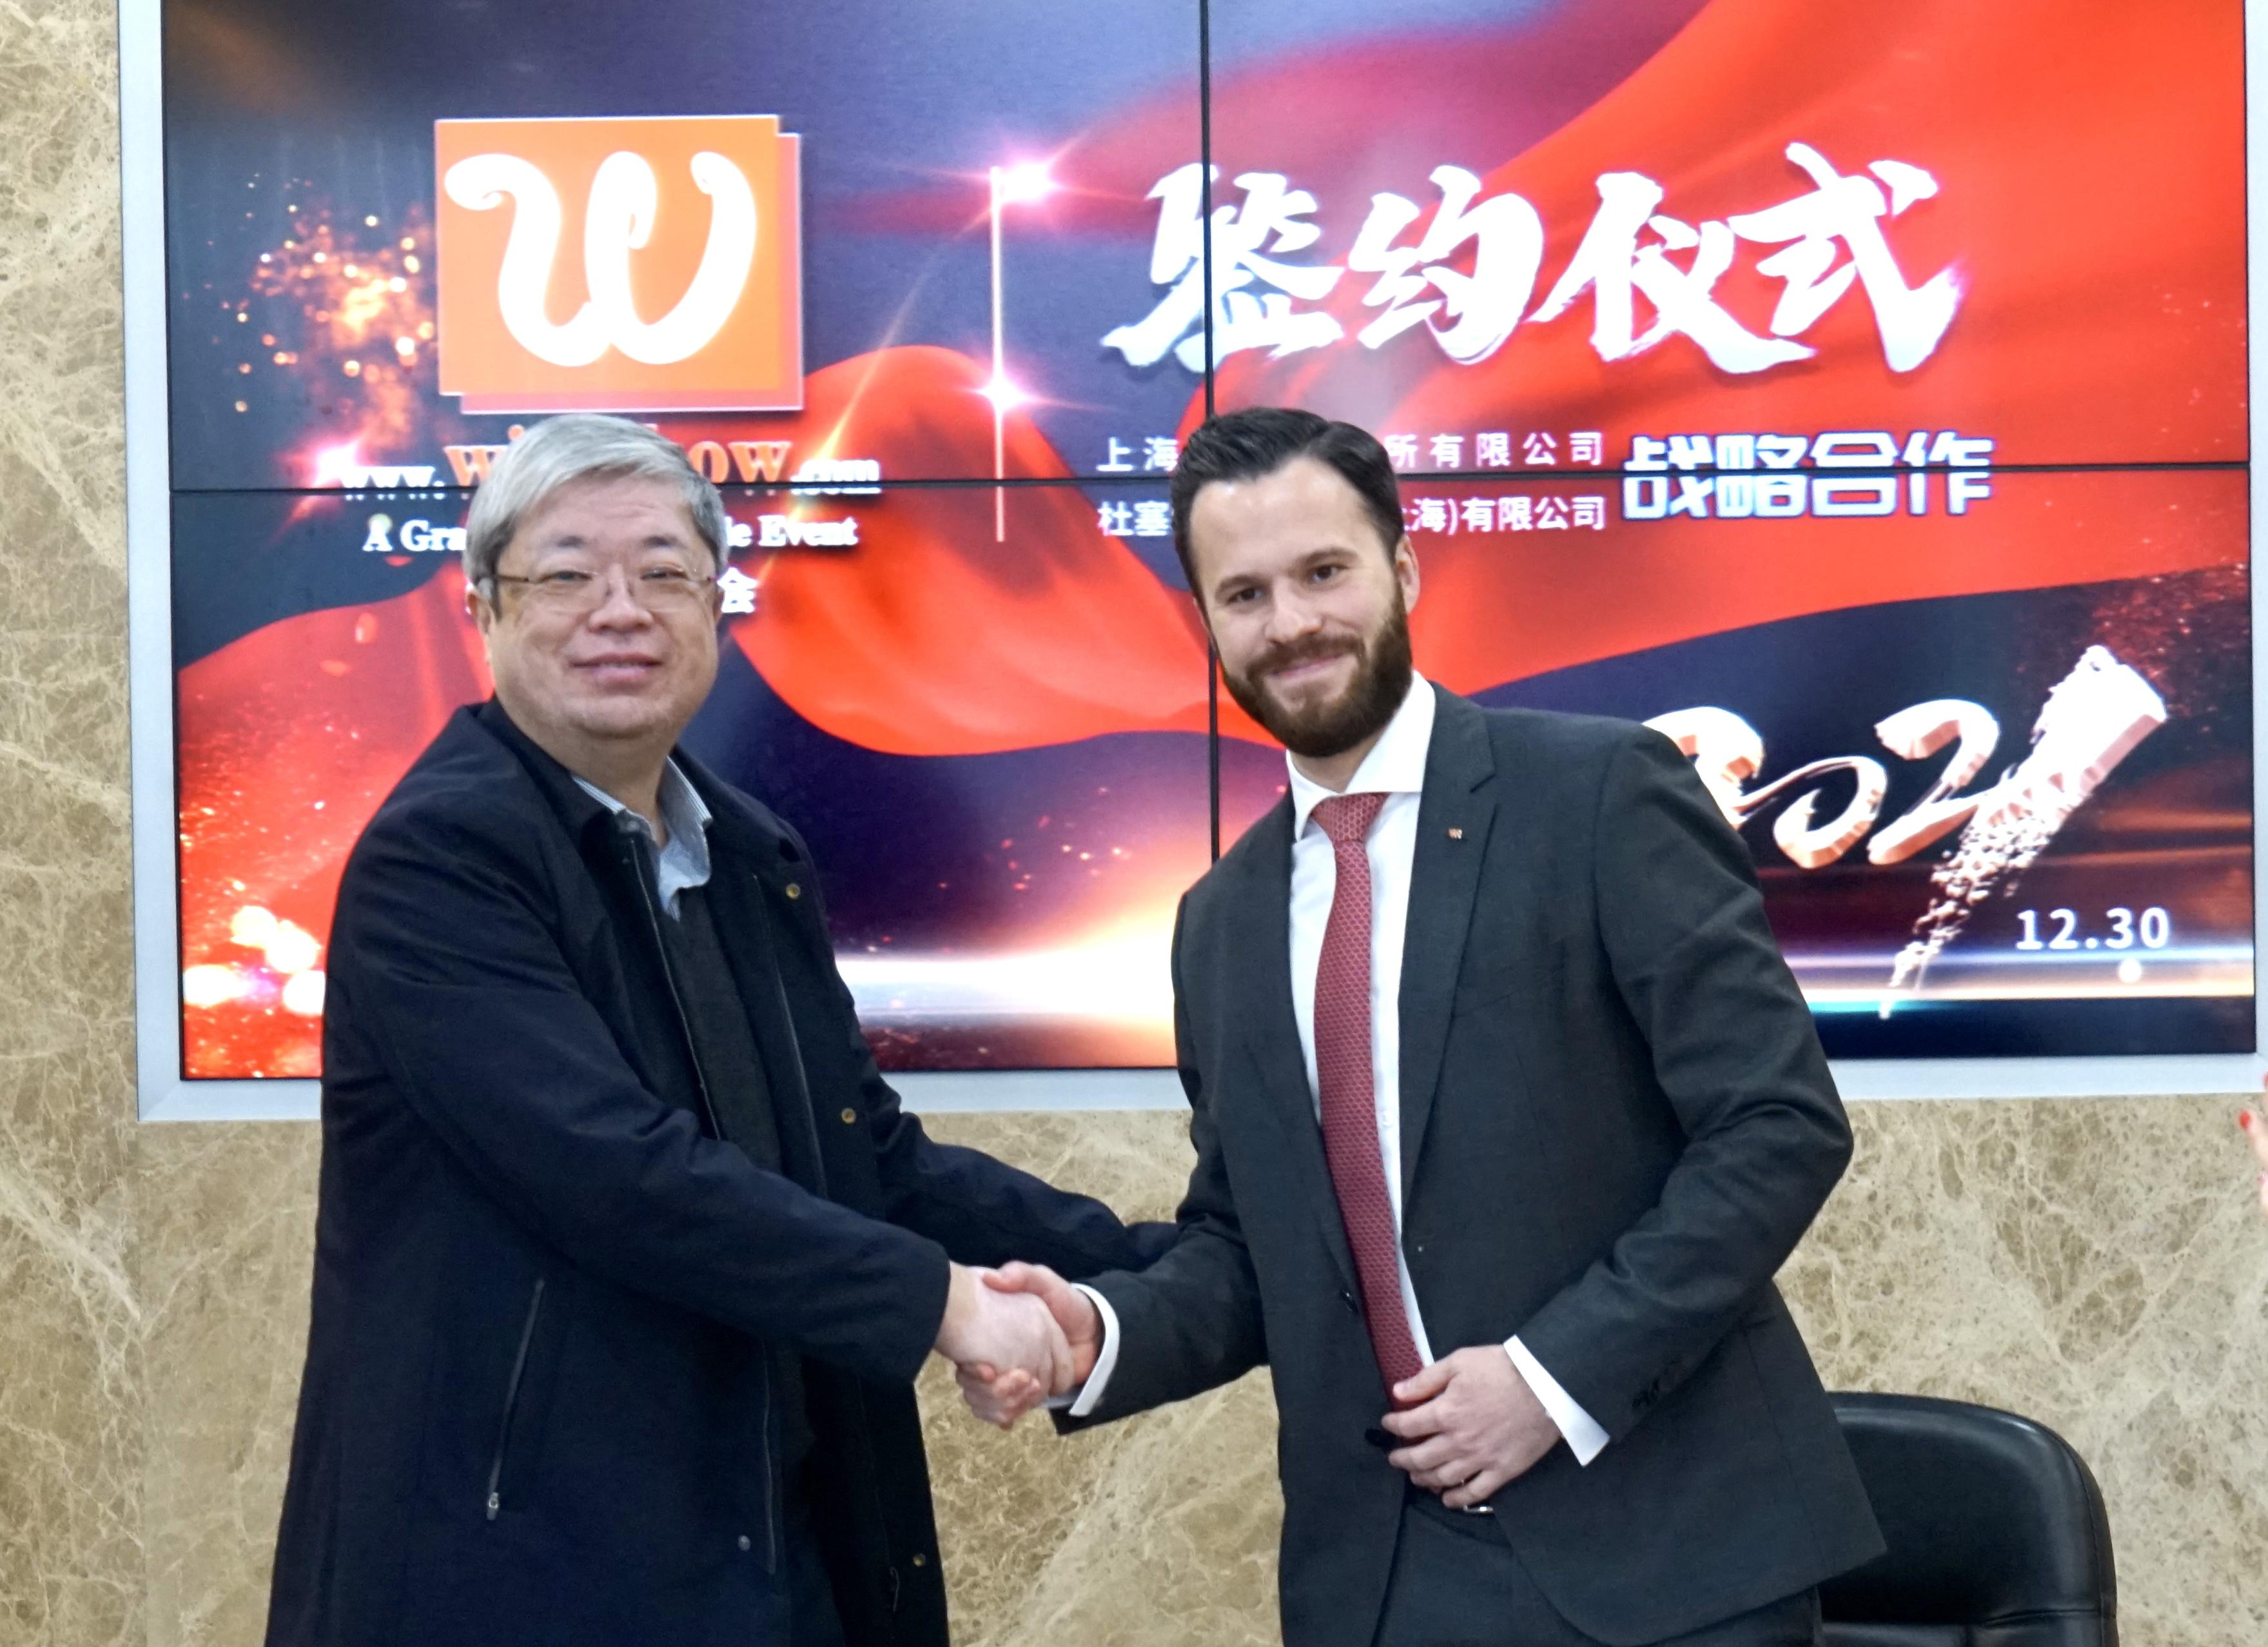 携手合作 共同打造 WireShow 品牌展 |上海电缆研究所与杜塞尔多夫展览(上海)再拓多元合作